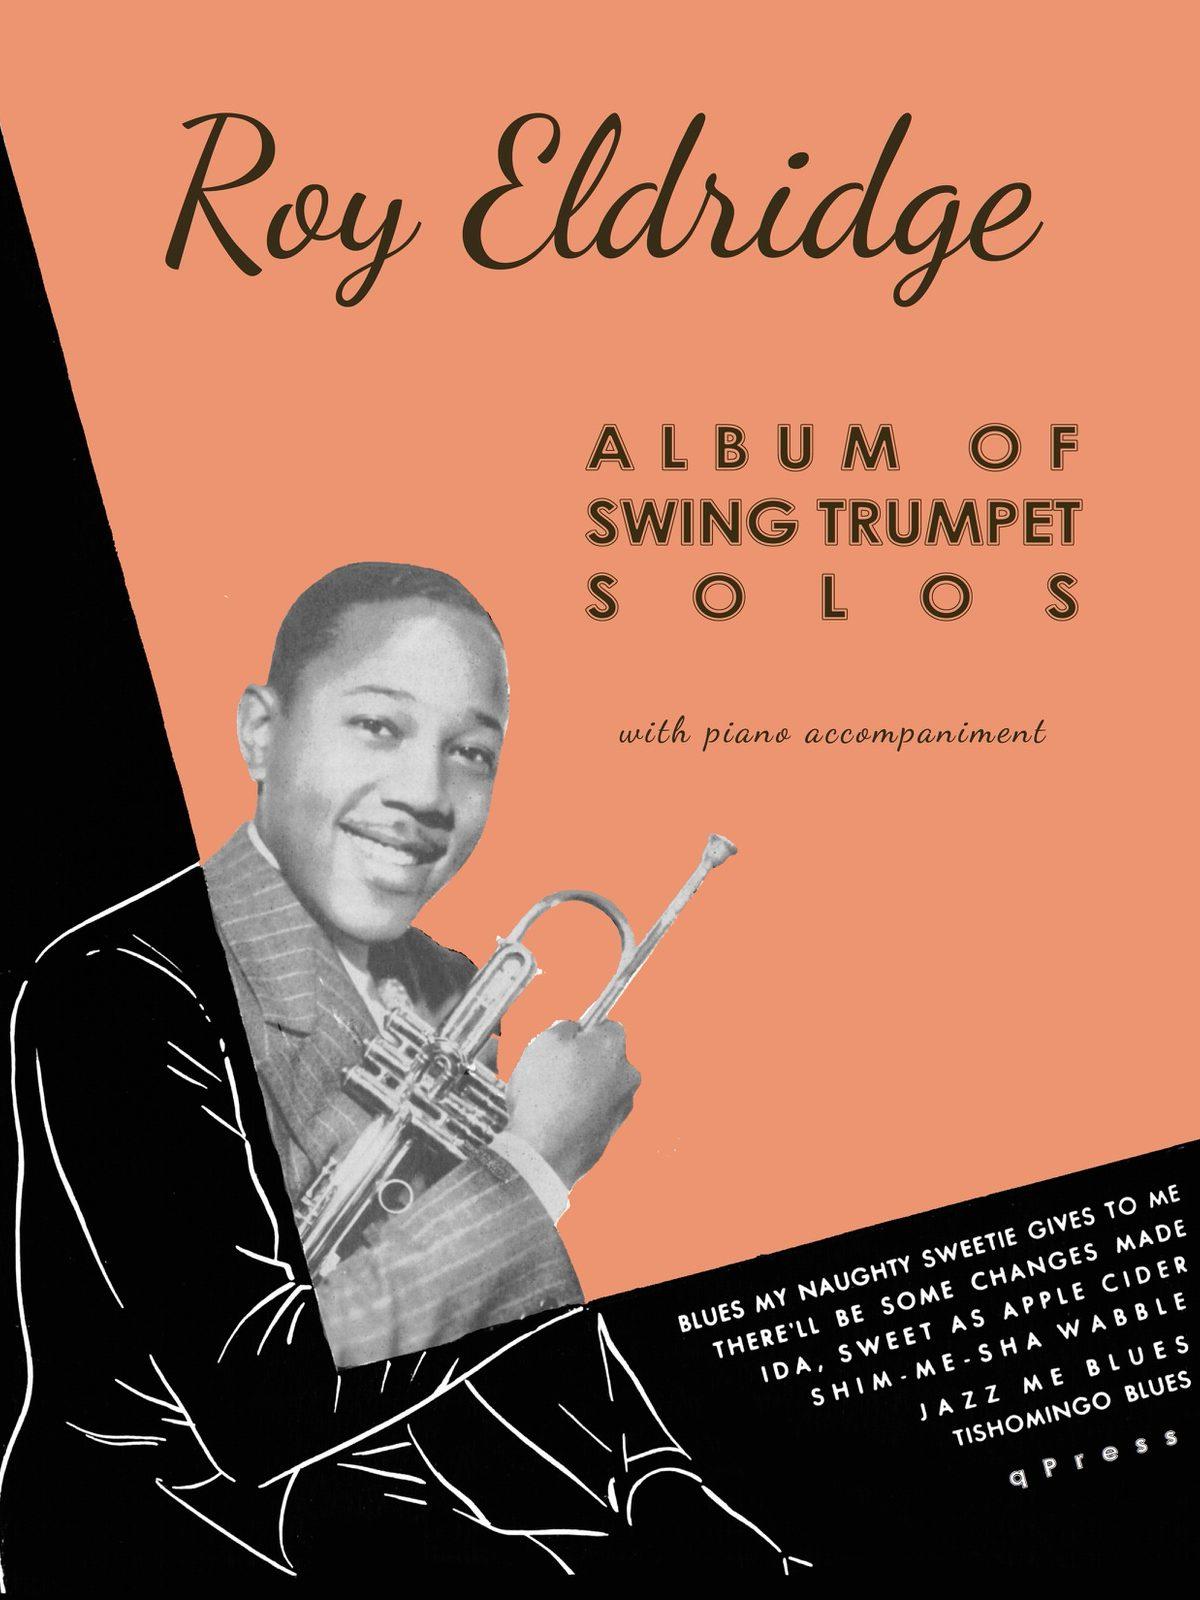 Eldridge, Album of Swing Trumpet Solos-p01